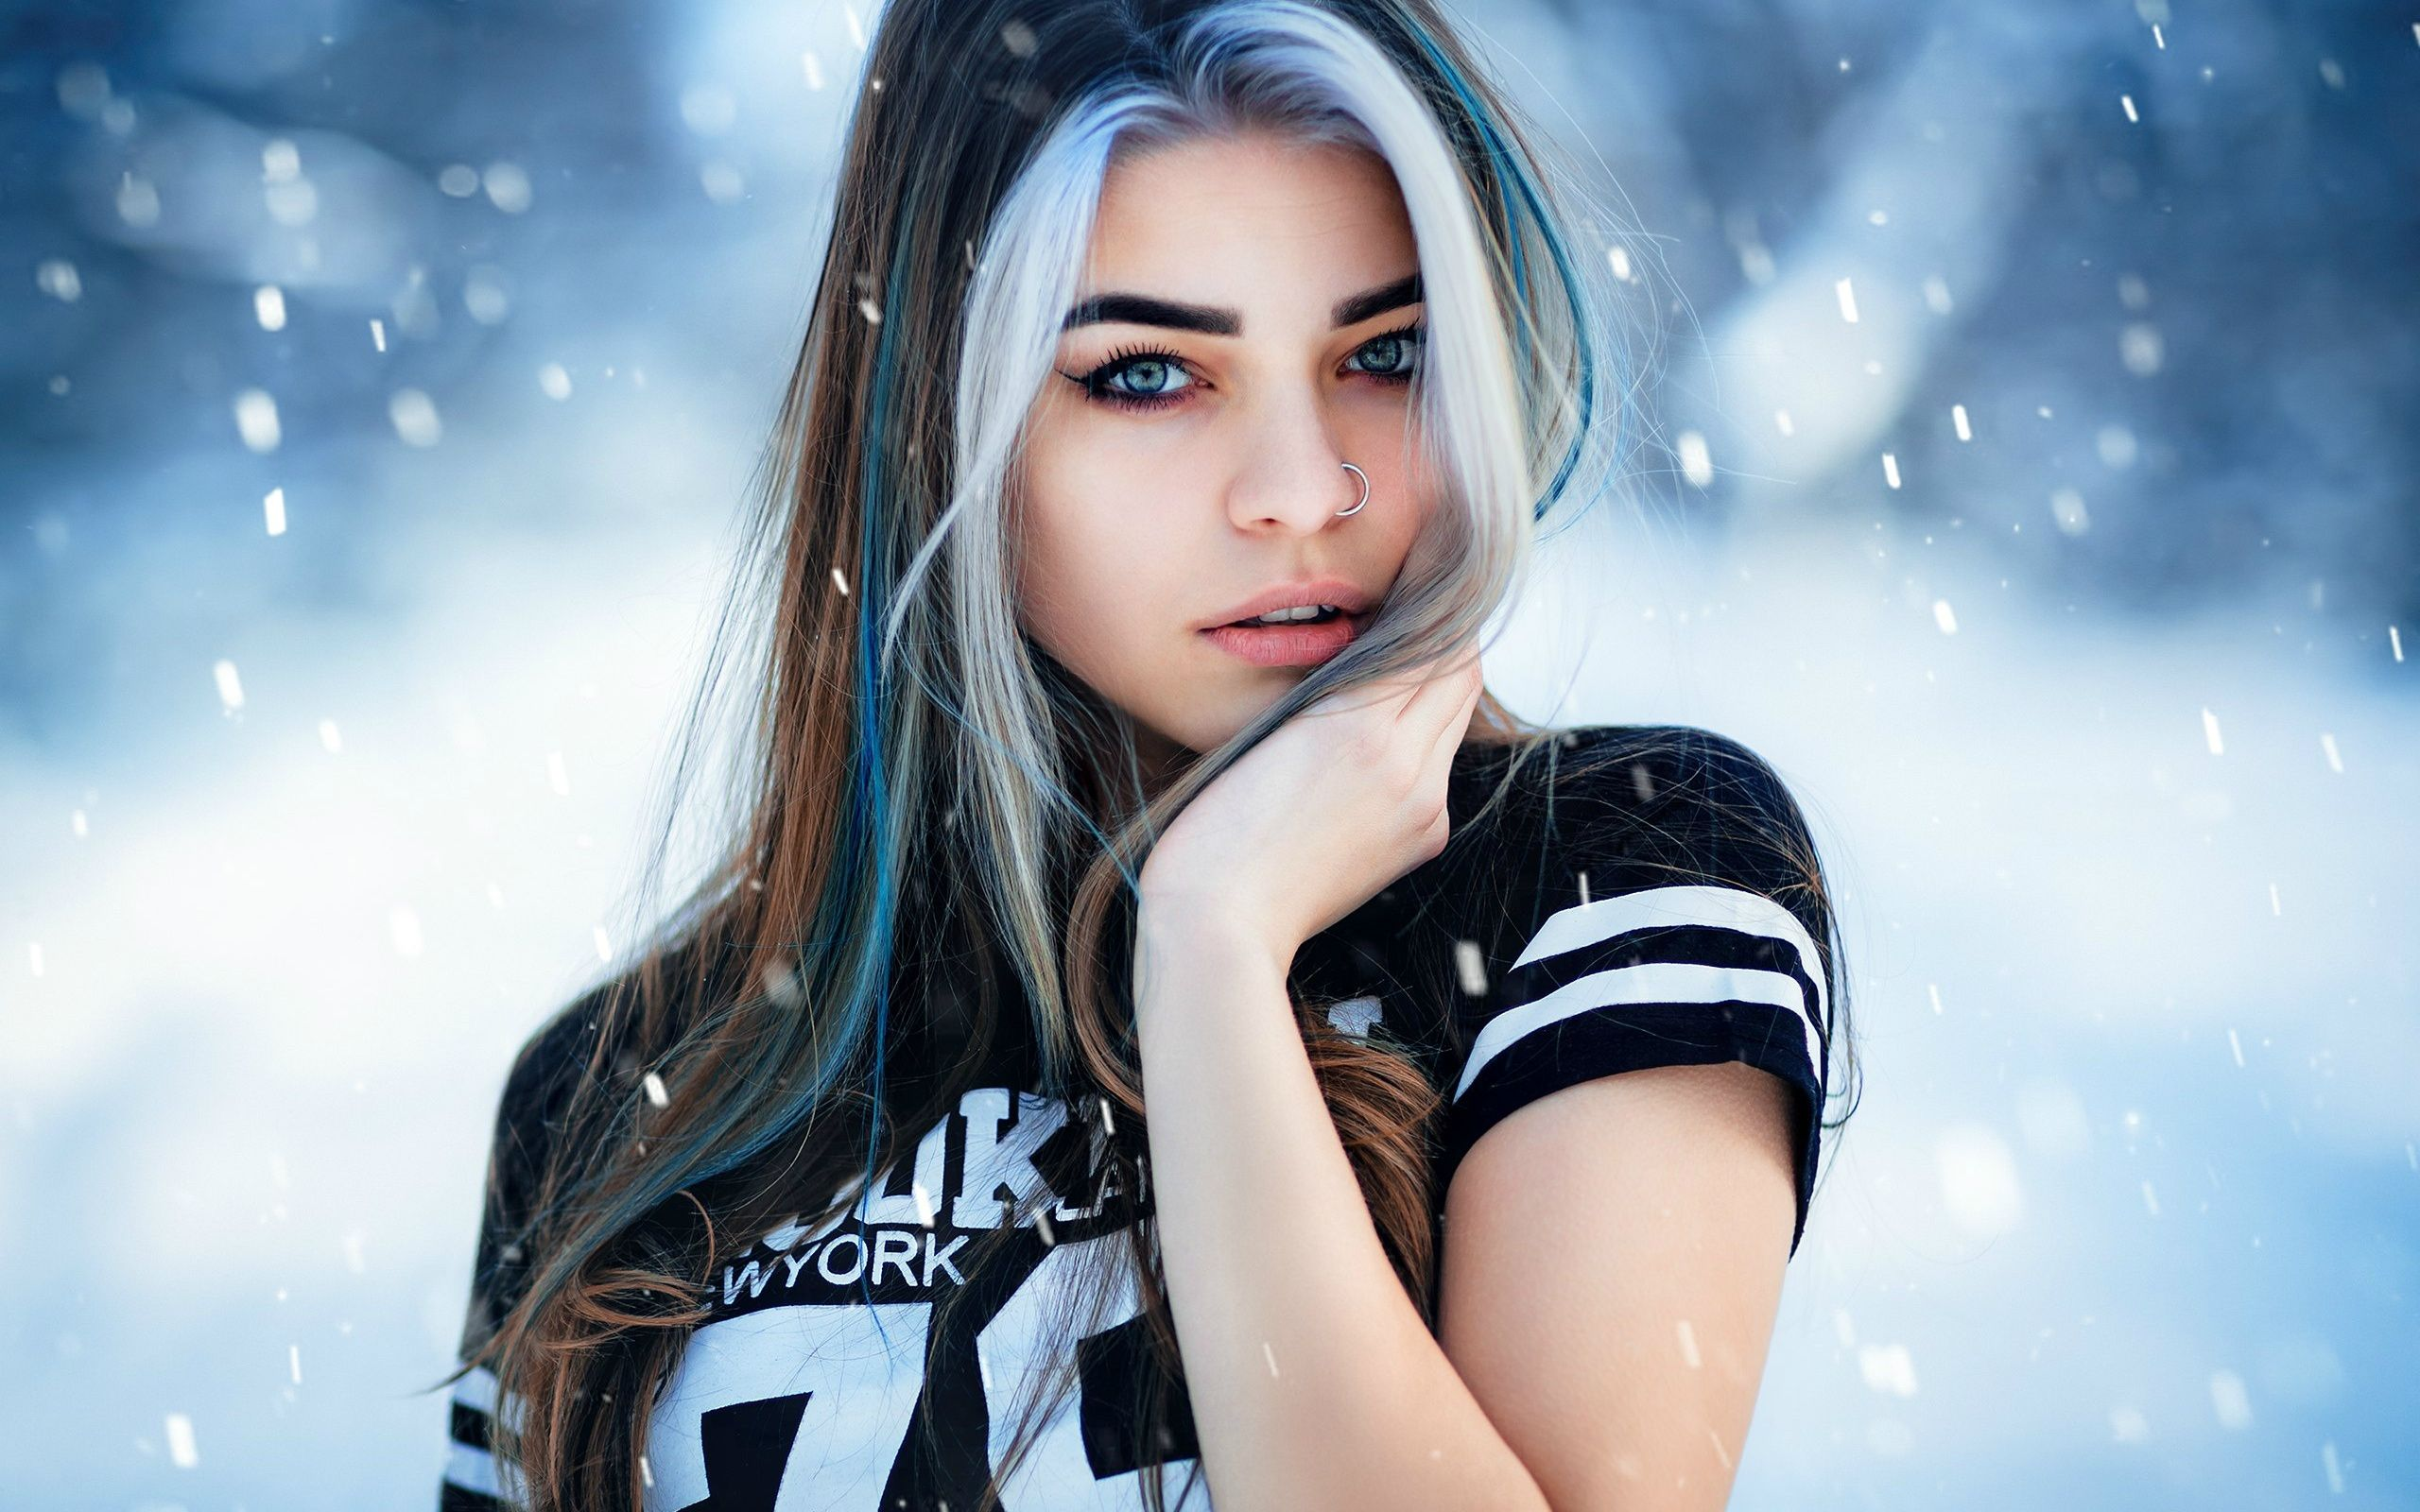 Обои на рабочий стол: девушка, зима, снег. (с ...